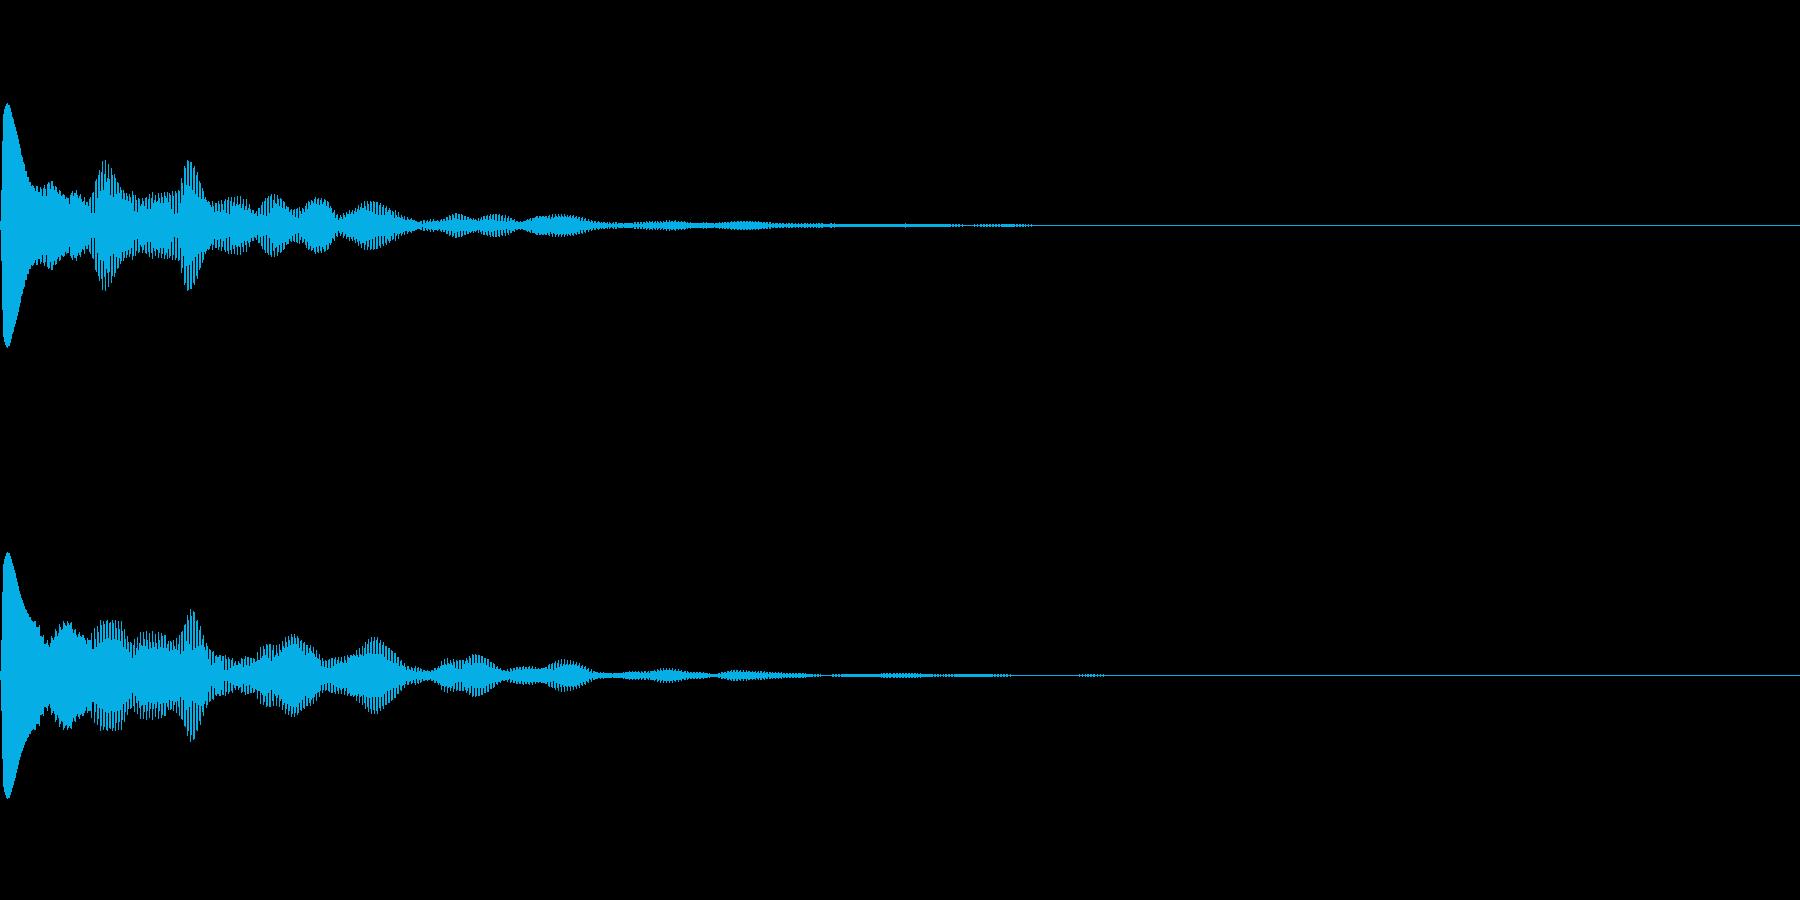 ポカーンとファンタジーなボタン音の再生済みの波形